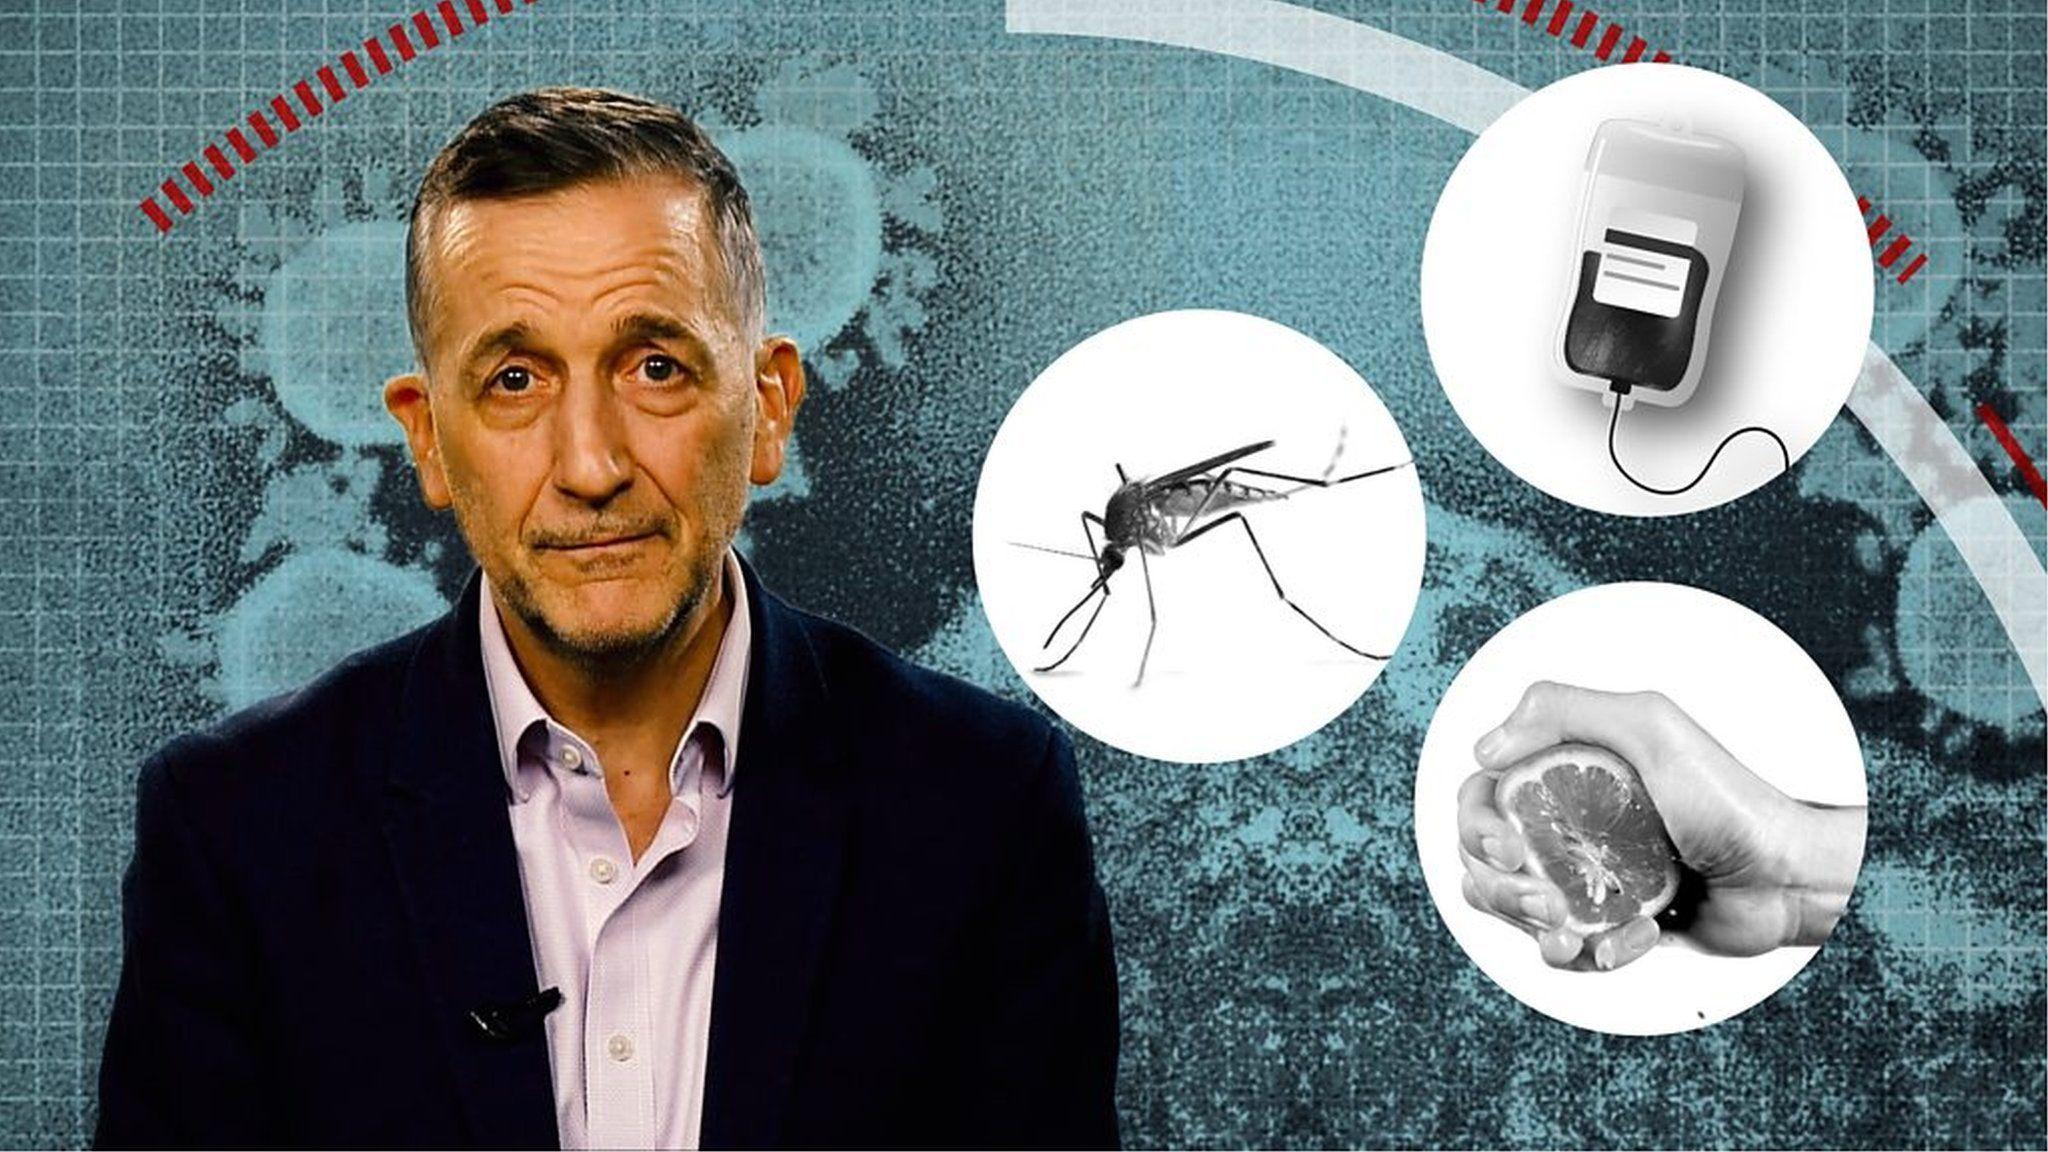 「レモン果汁で予防」「蚊に刺されて感染」? 新型ウイルスにまつわるニセ情報